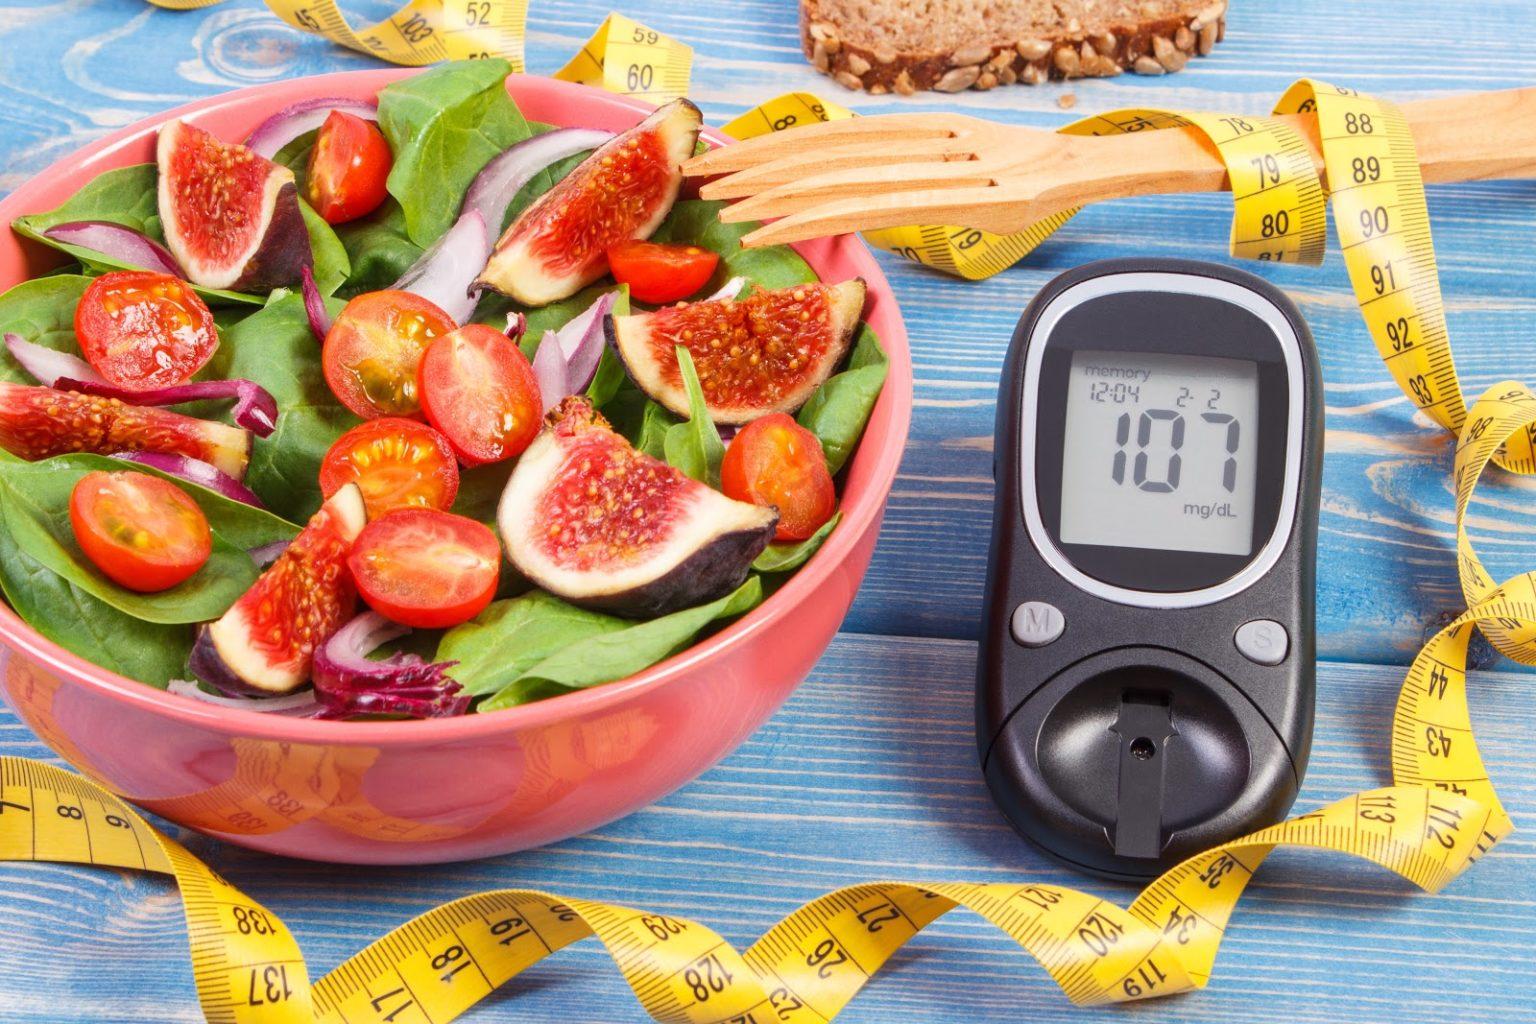 О сахарном диабете простыми словами. как понять, болен ли ты? если болен, как лечить, если нет, как защититься?